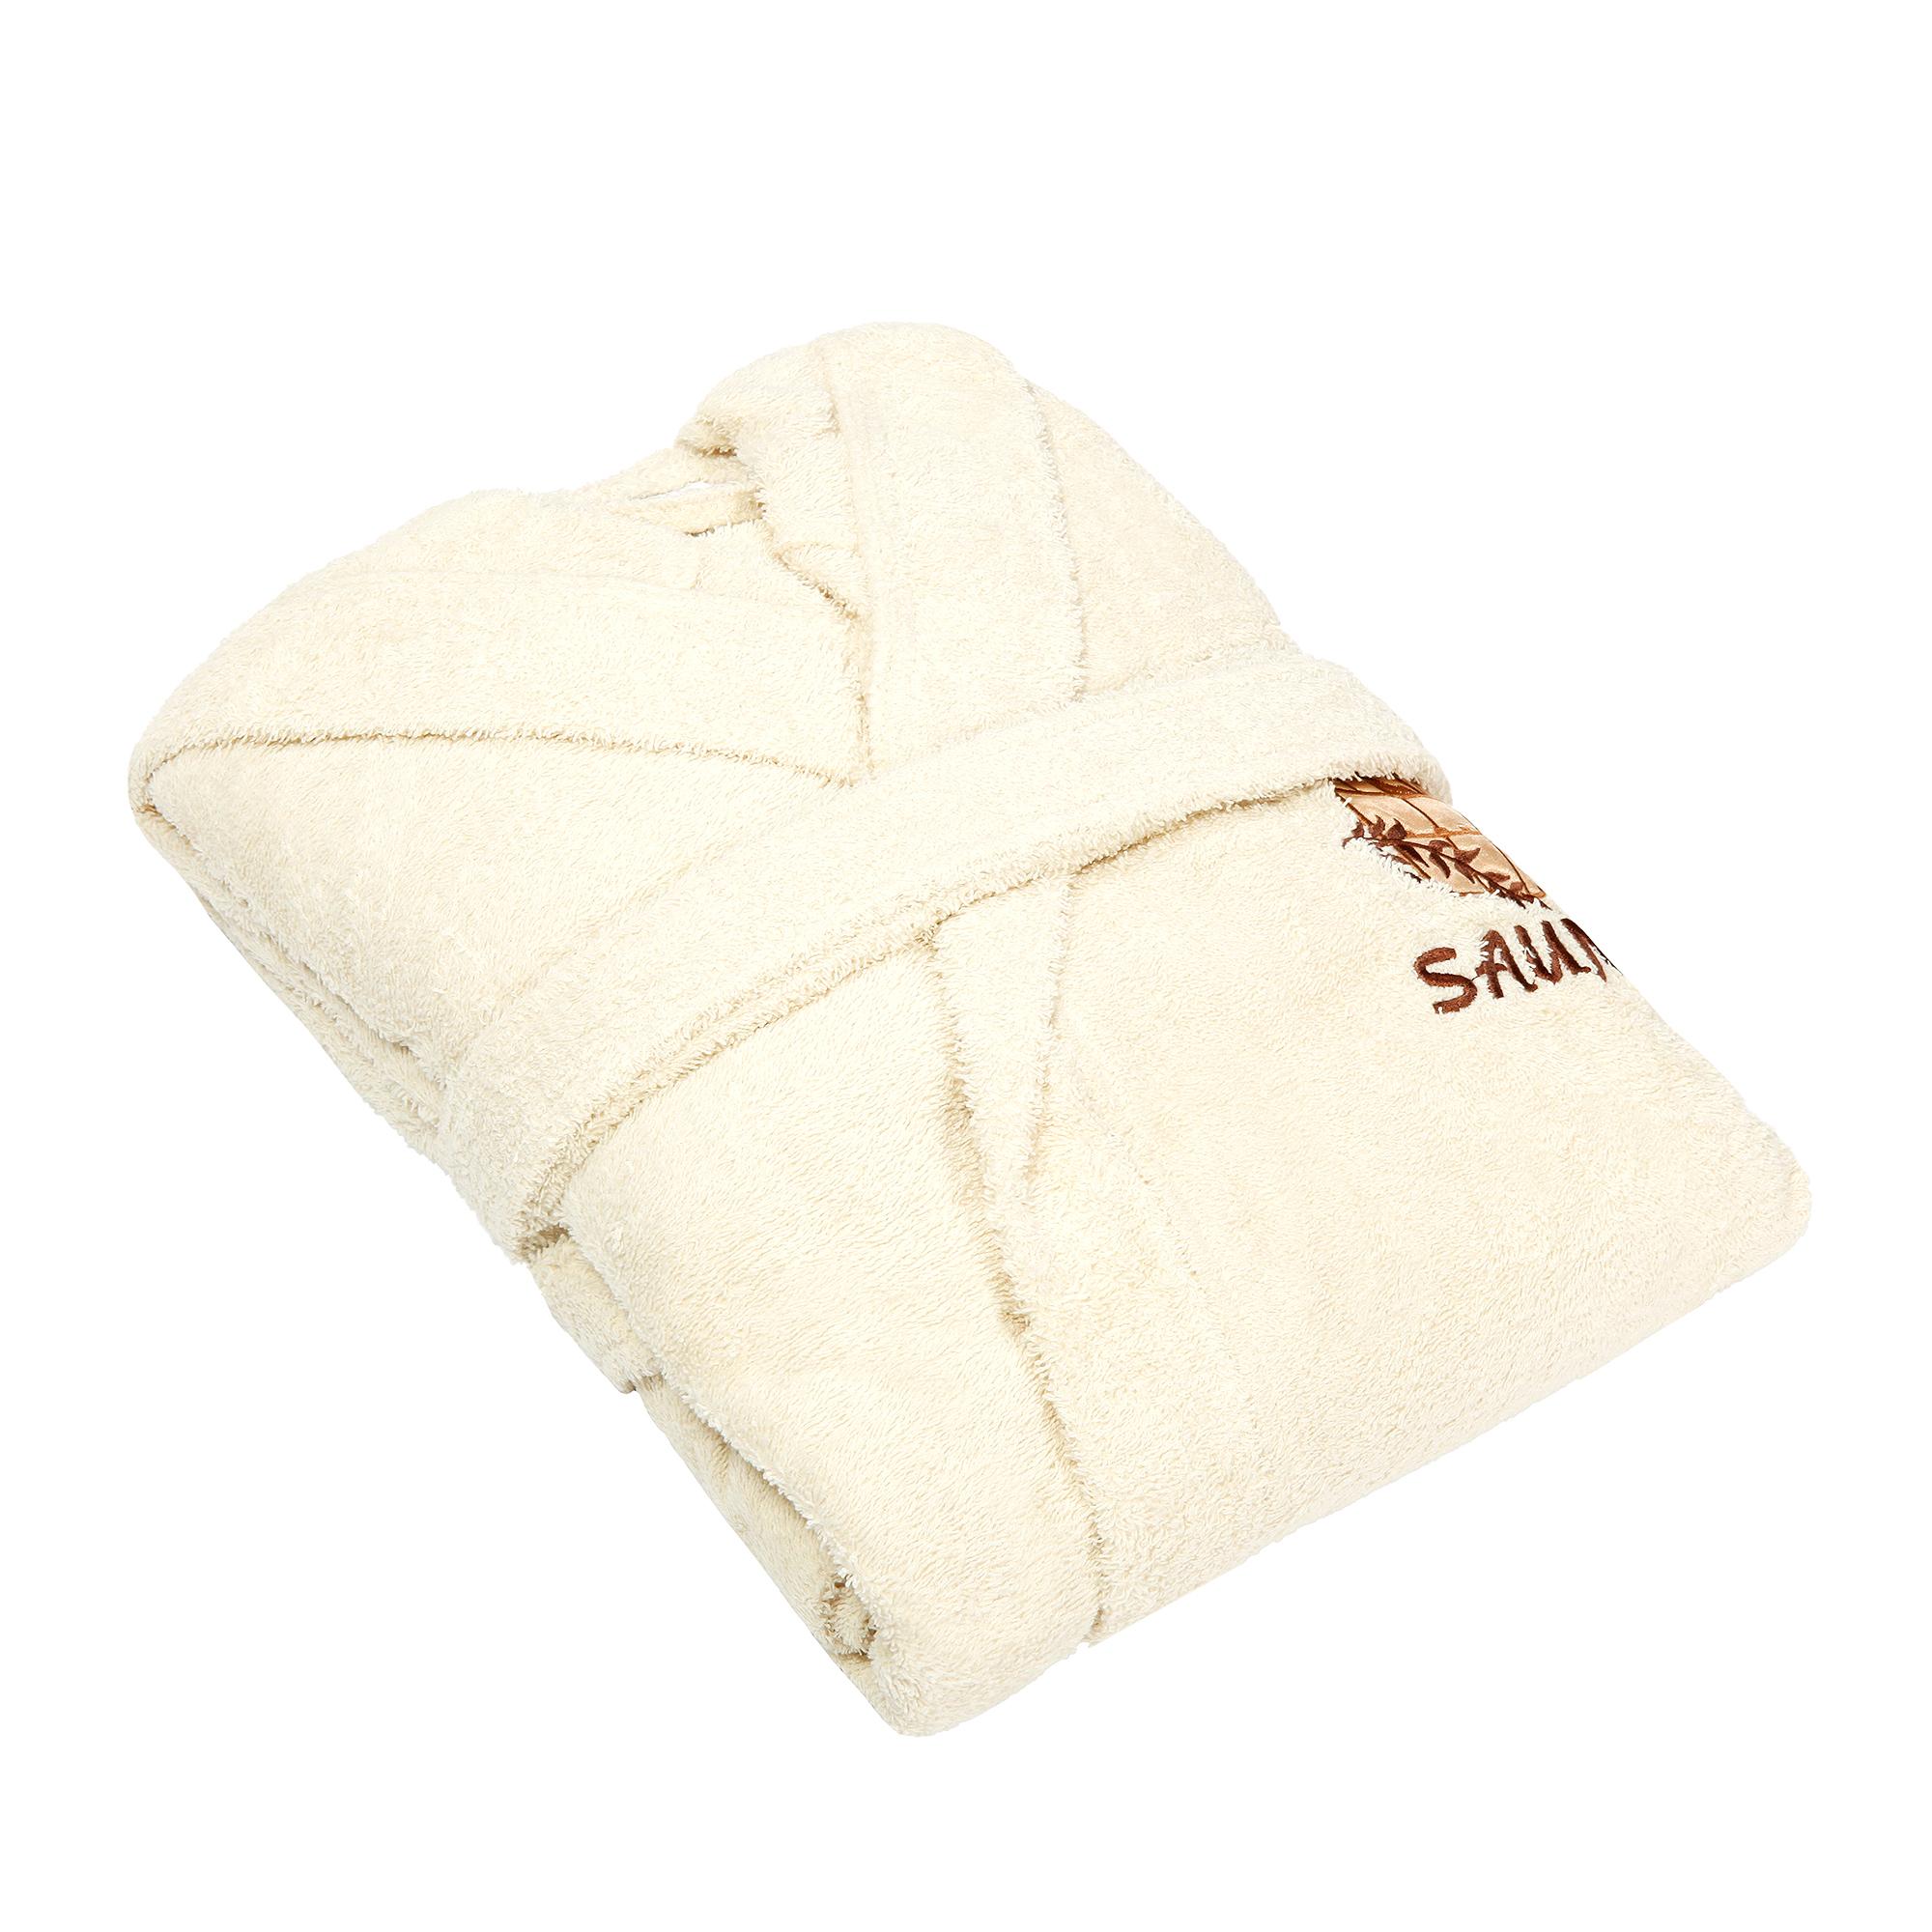 Фото - Халат женский Asil sauna beige m махровый с капюшоном халат махровый asil двухсторонний xxl темно синий